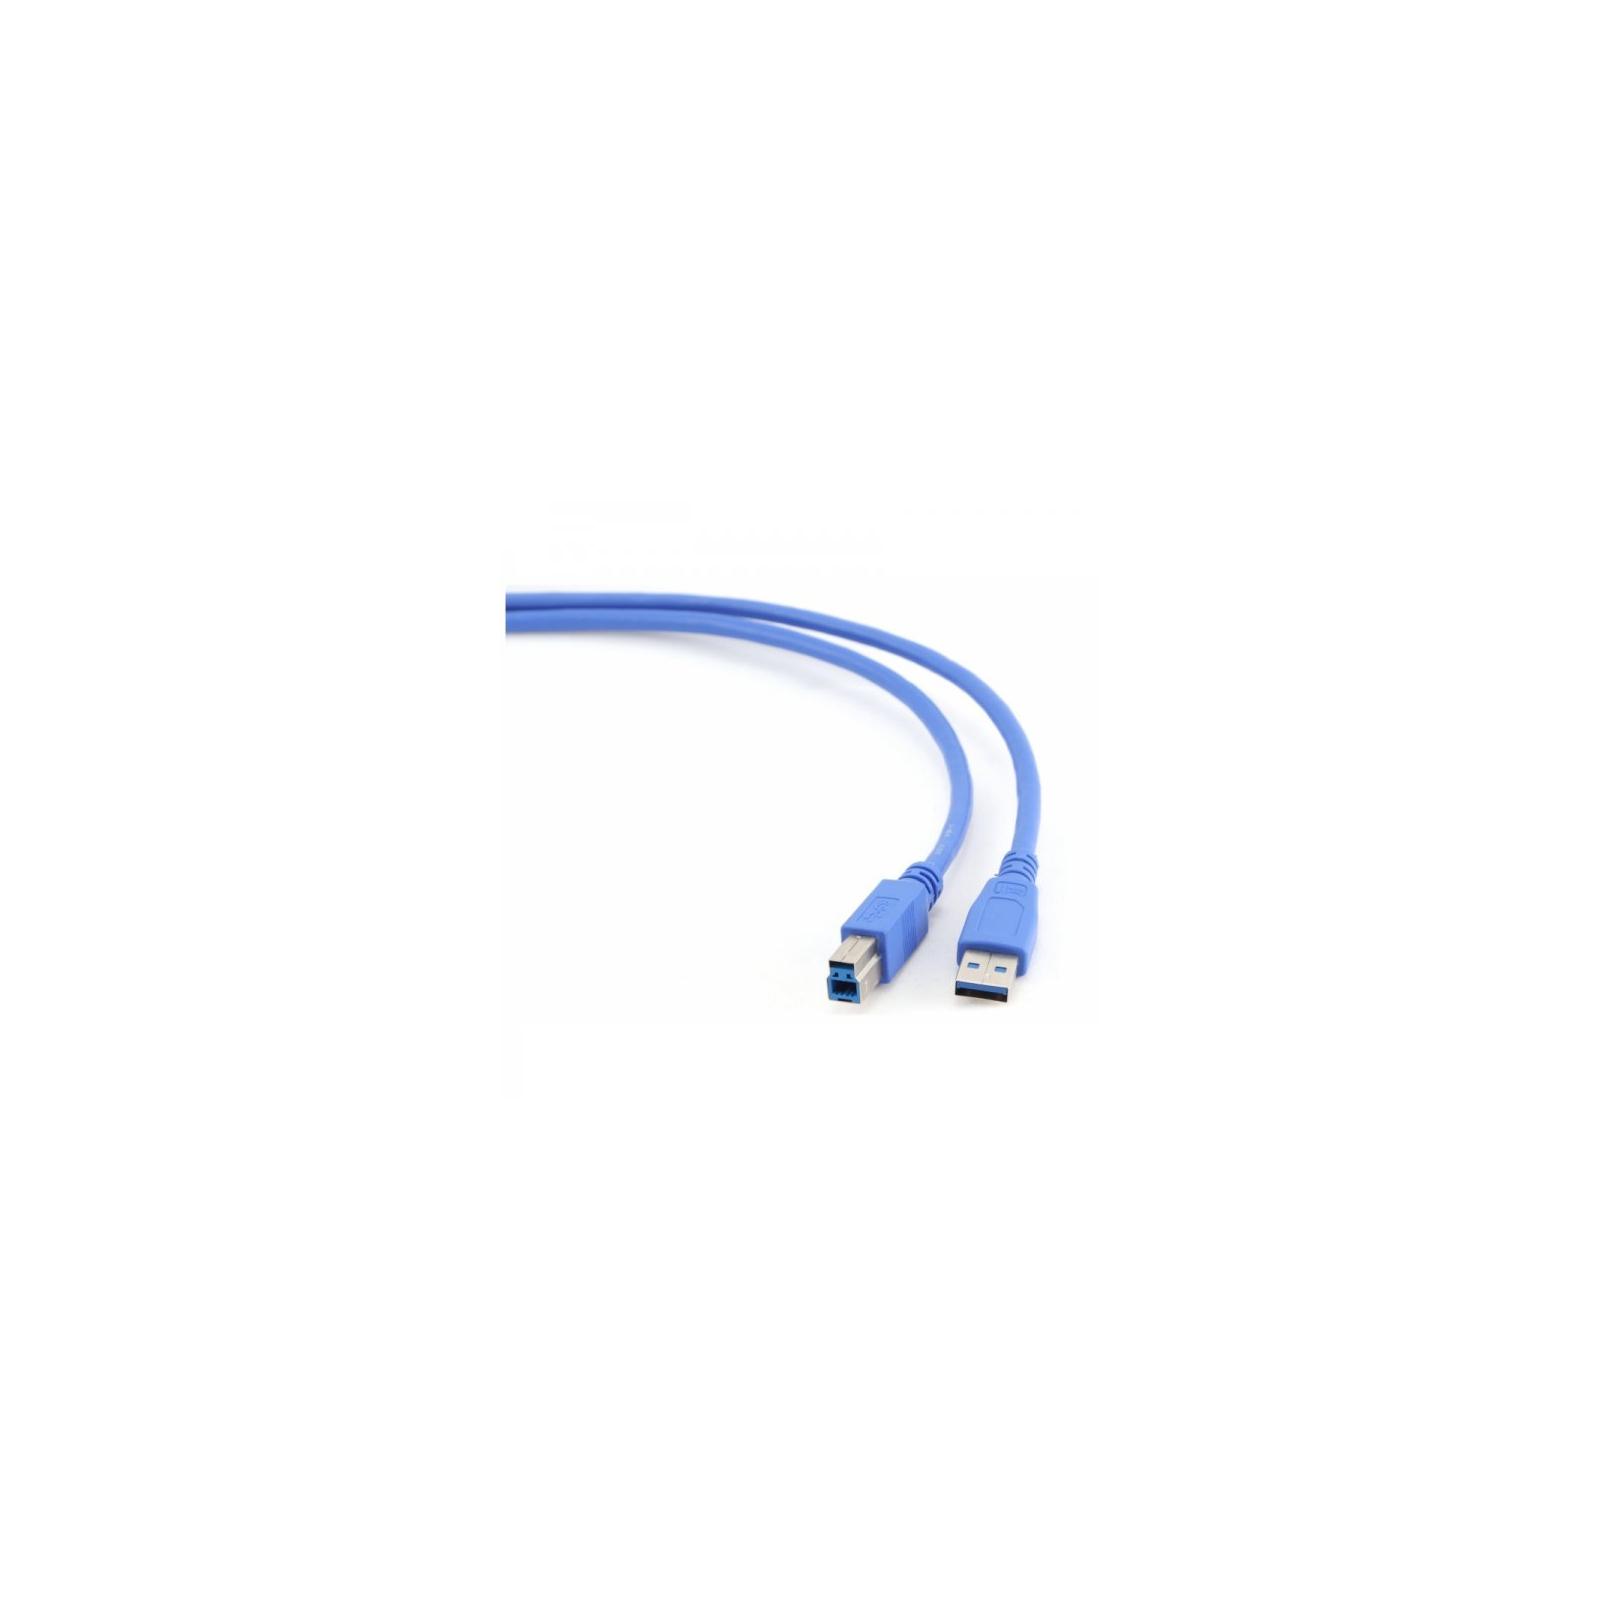 Кабель для принтера Cablexpert USB 3.0 AM/BM 1.8m (CCB-USB3-AMBM-10)